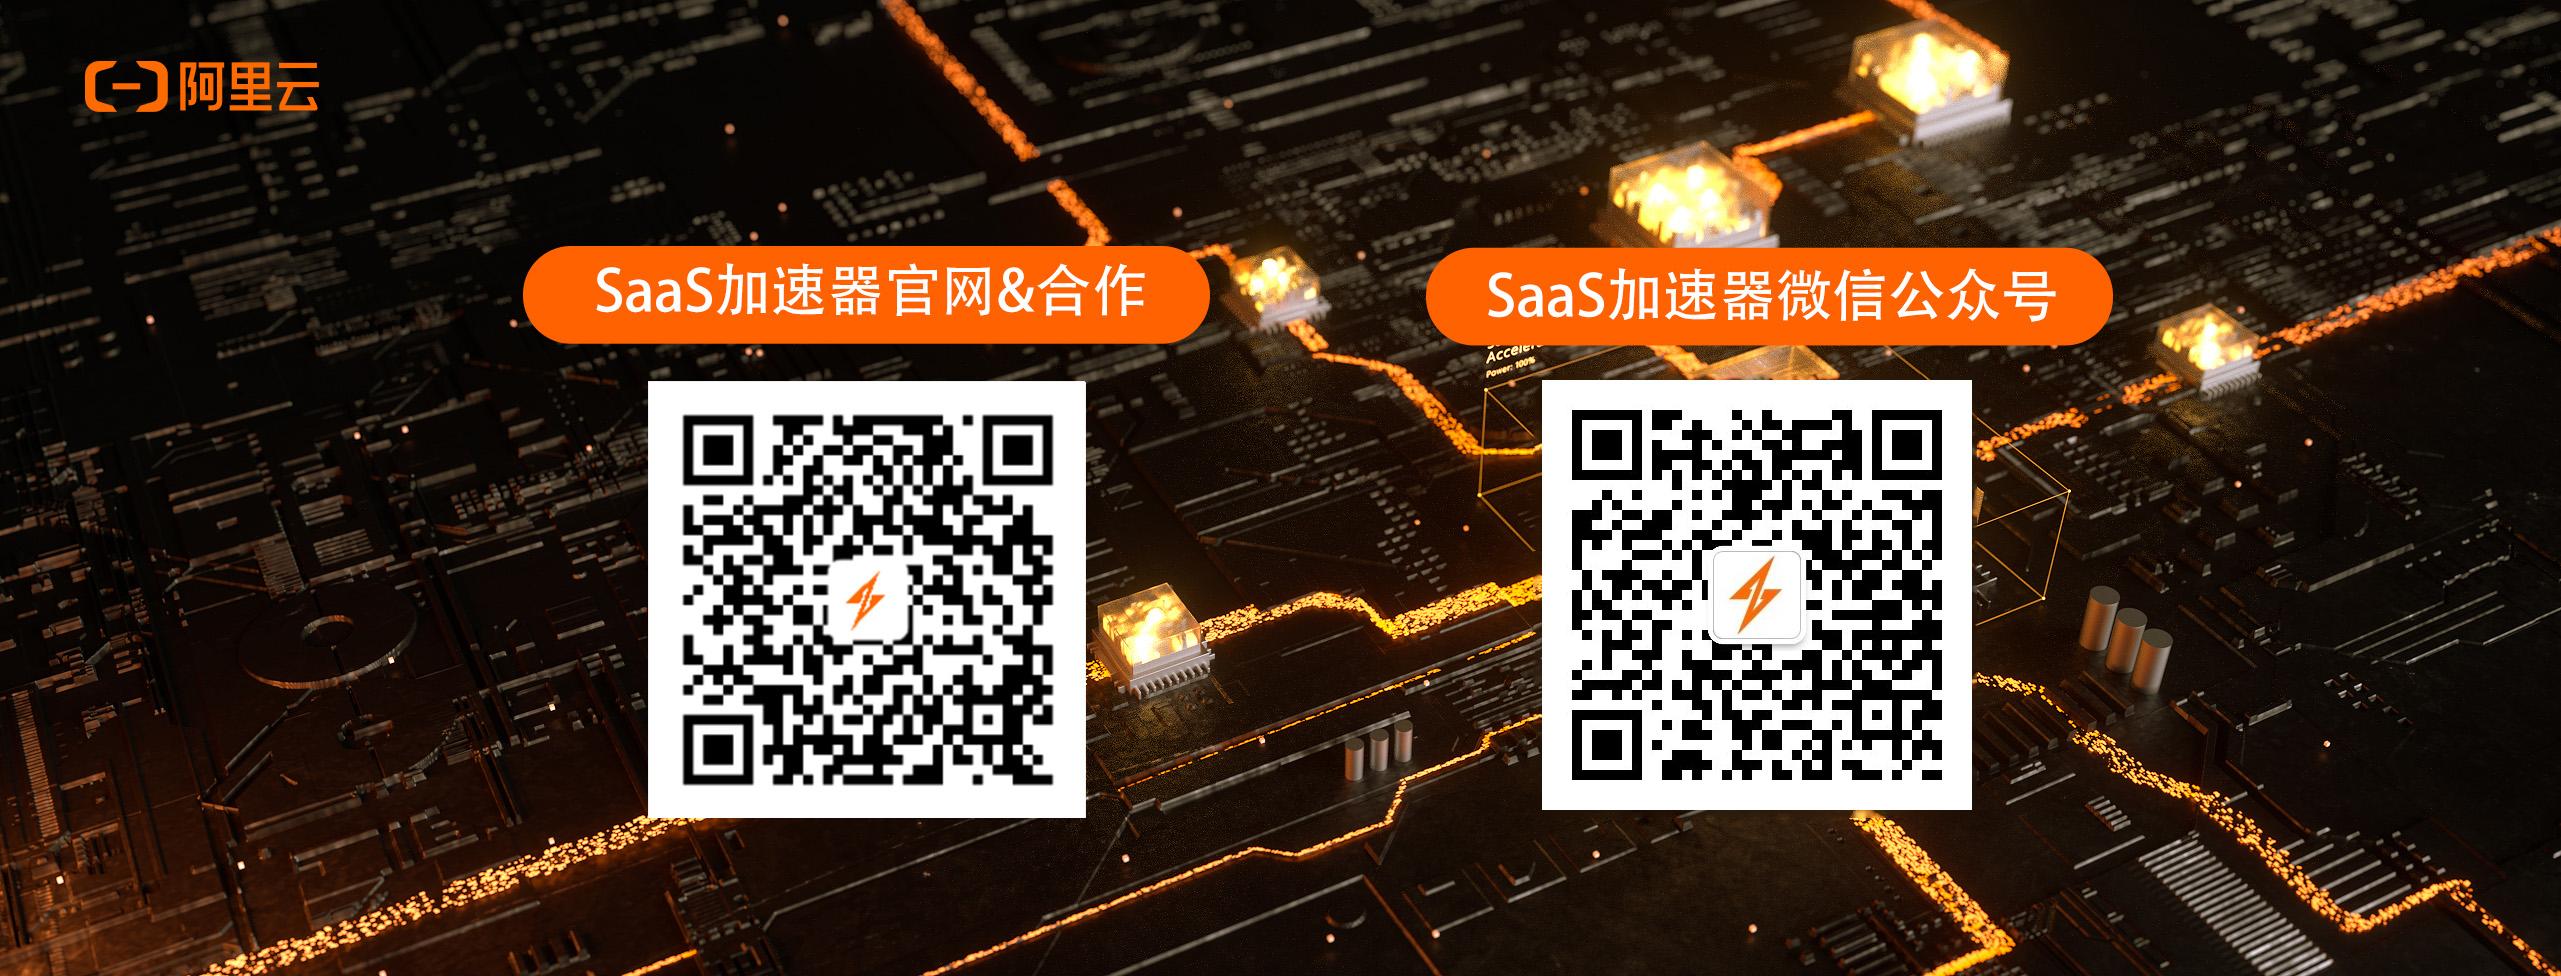 SaaS加速器尾图.jpg